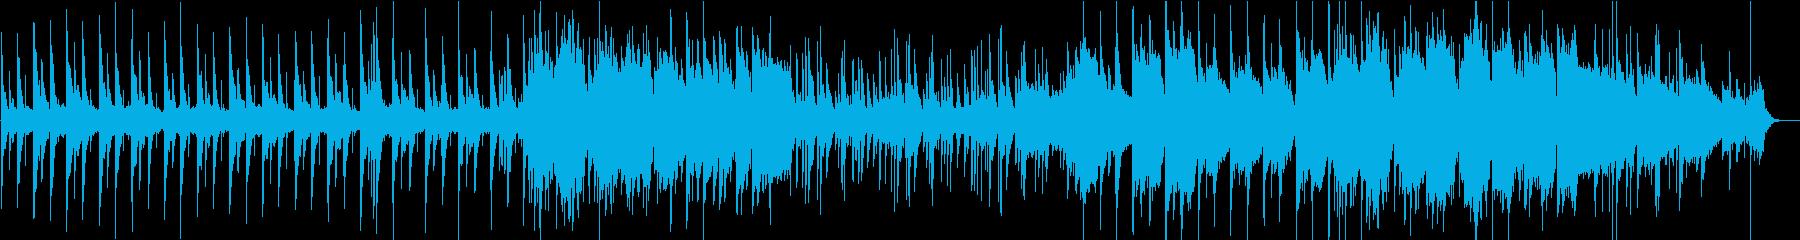 ピアノ癒しの音楽 リラックスの再生済みの波形